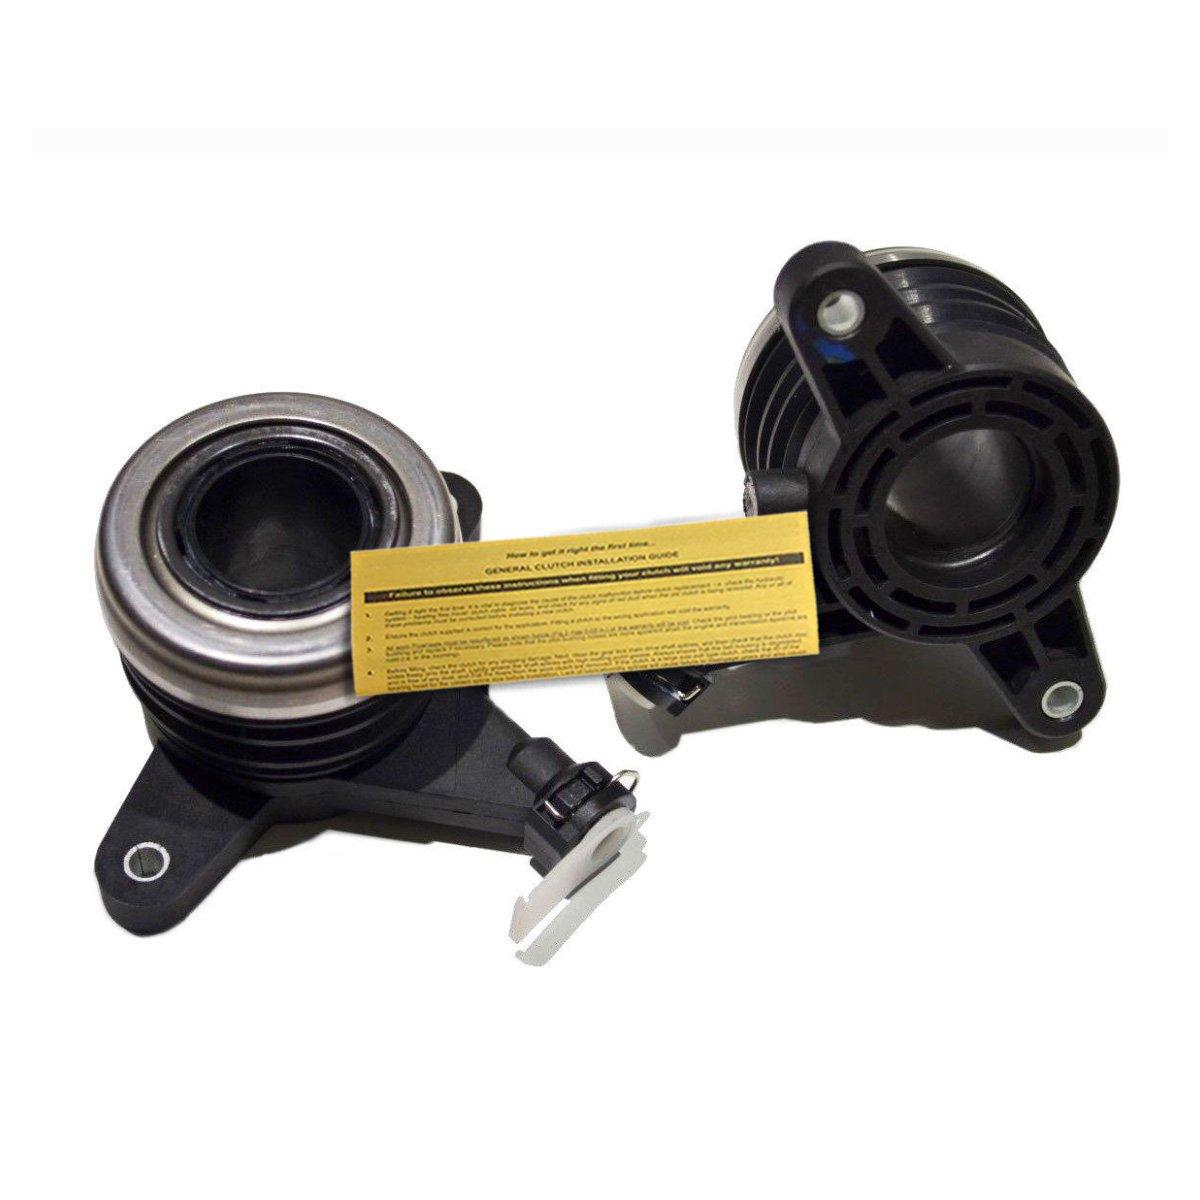 EF HD embrague CSC esclavo Cilindro de rodamientos para Nissan 350Z 370Z Infiniti G35 G37: Amazon.es: Coche y moto